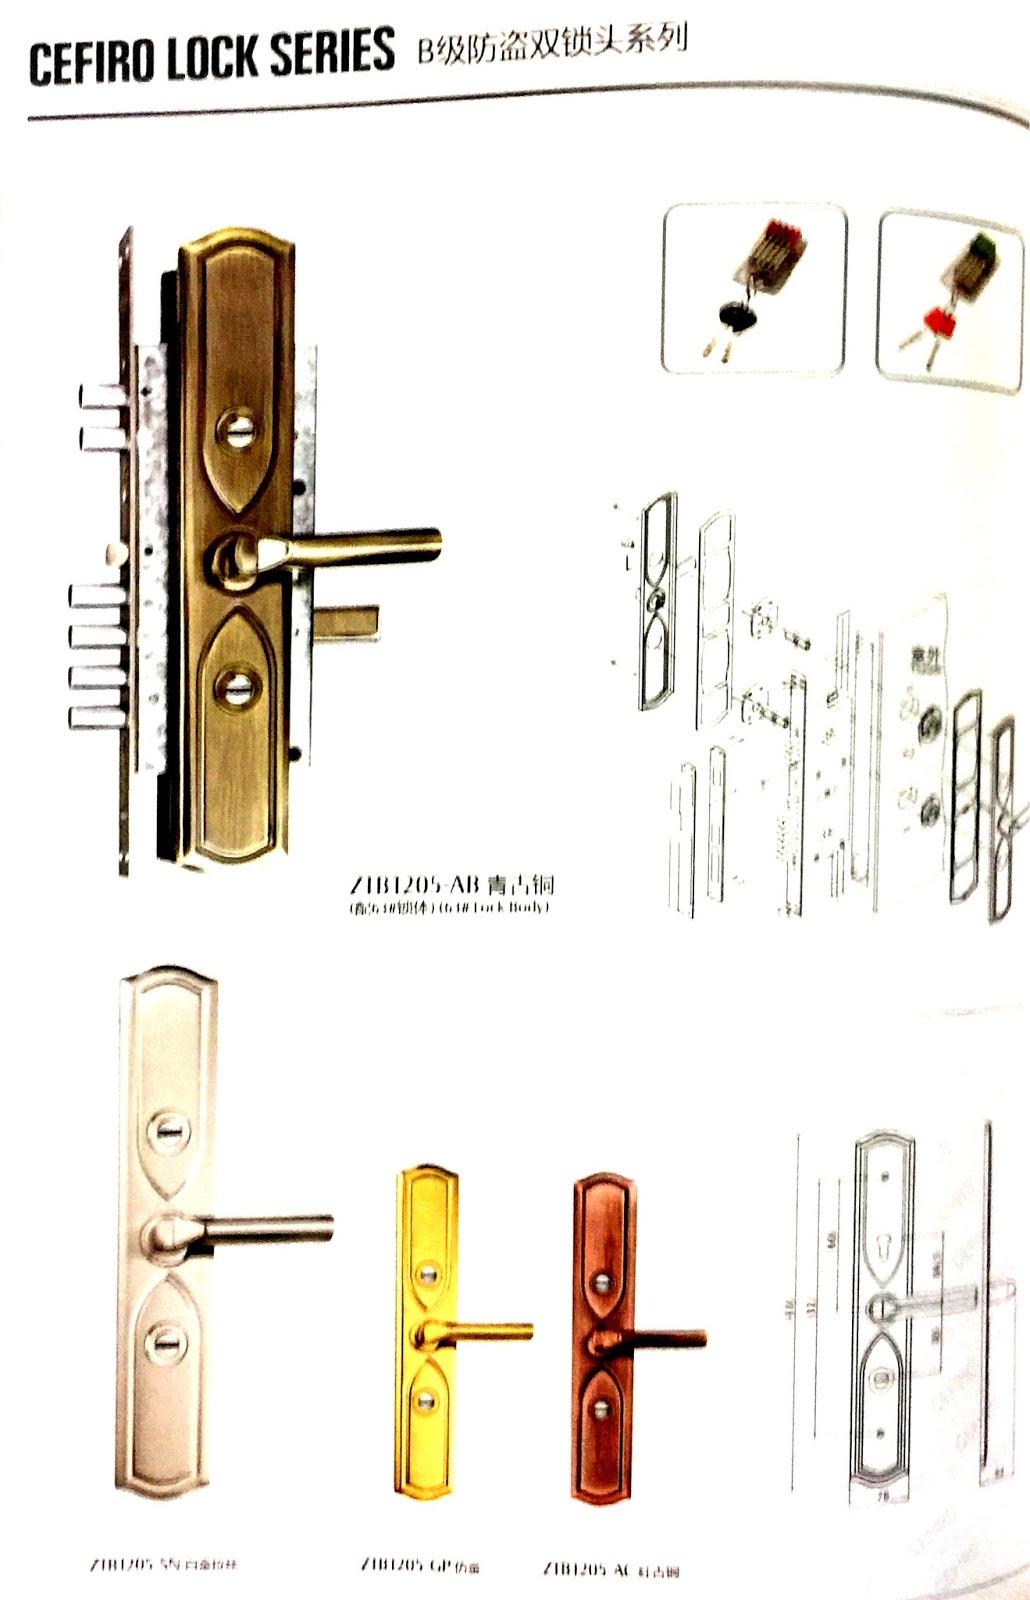 Hooply Door Lock Amp Hongli Hooply Stainless Steel Anti